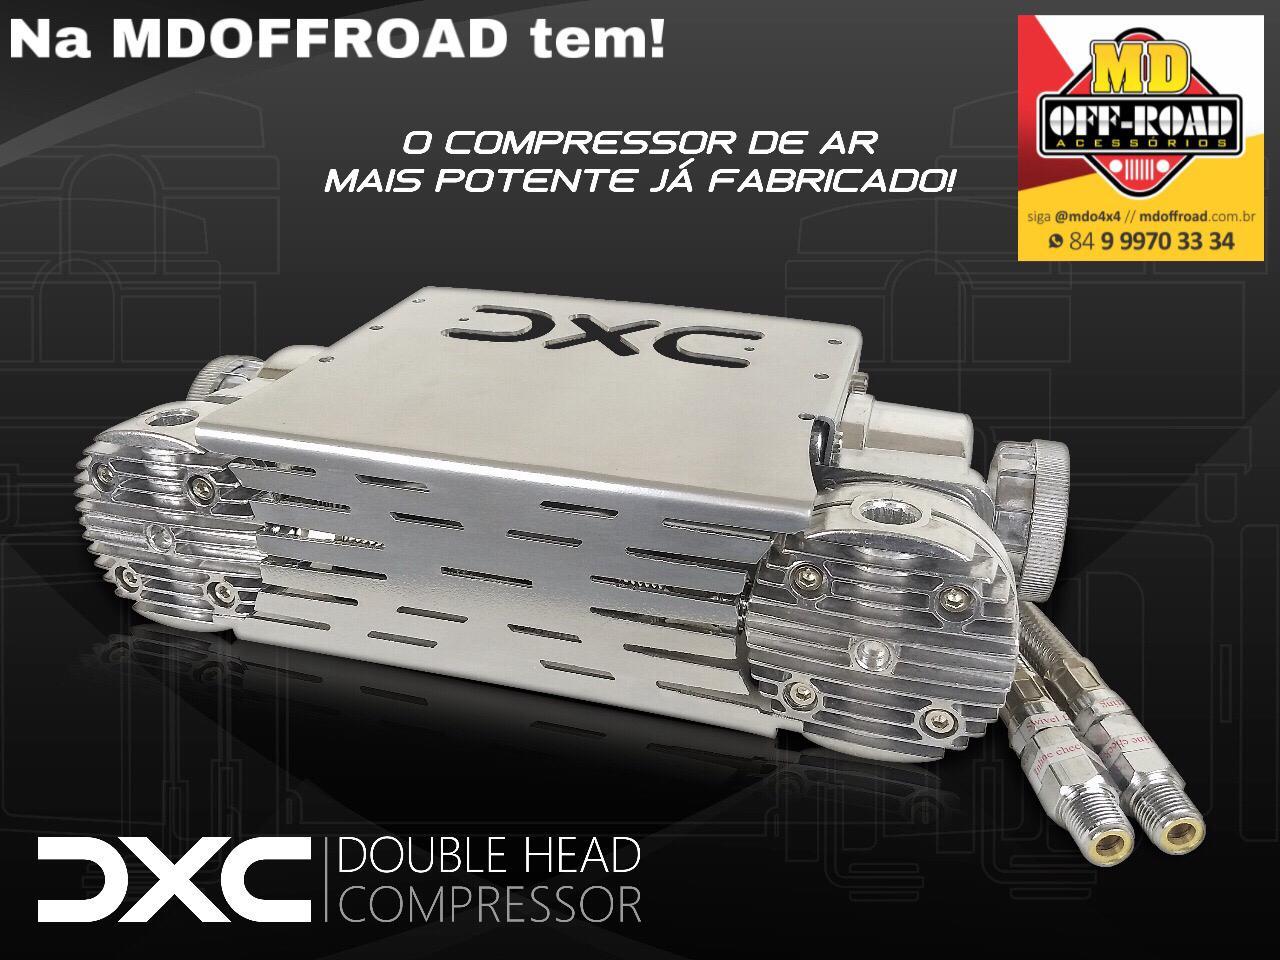 COMPRESSOR DE AR DXC 200 PSI